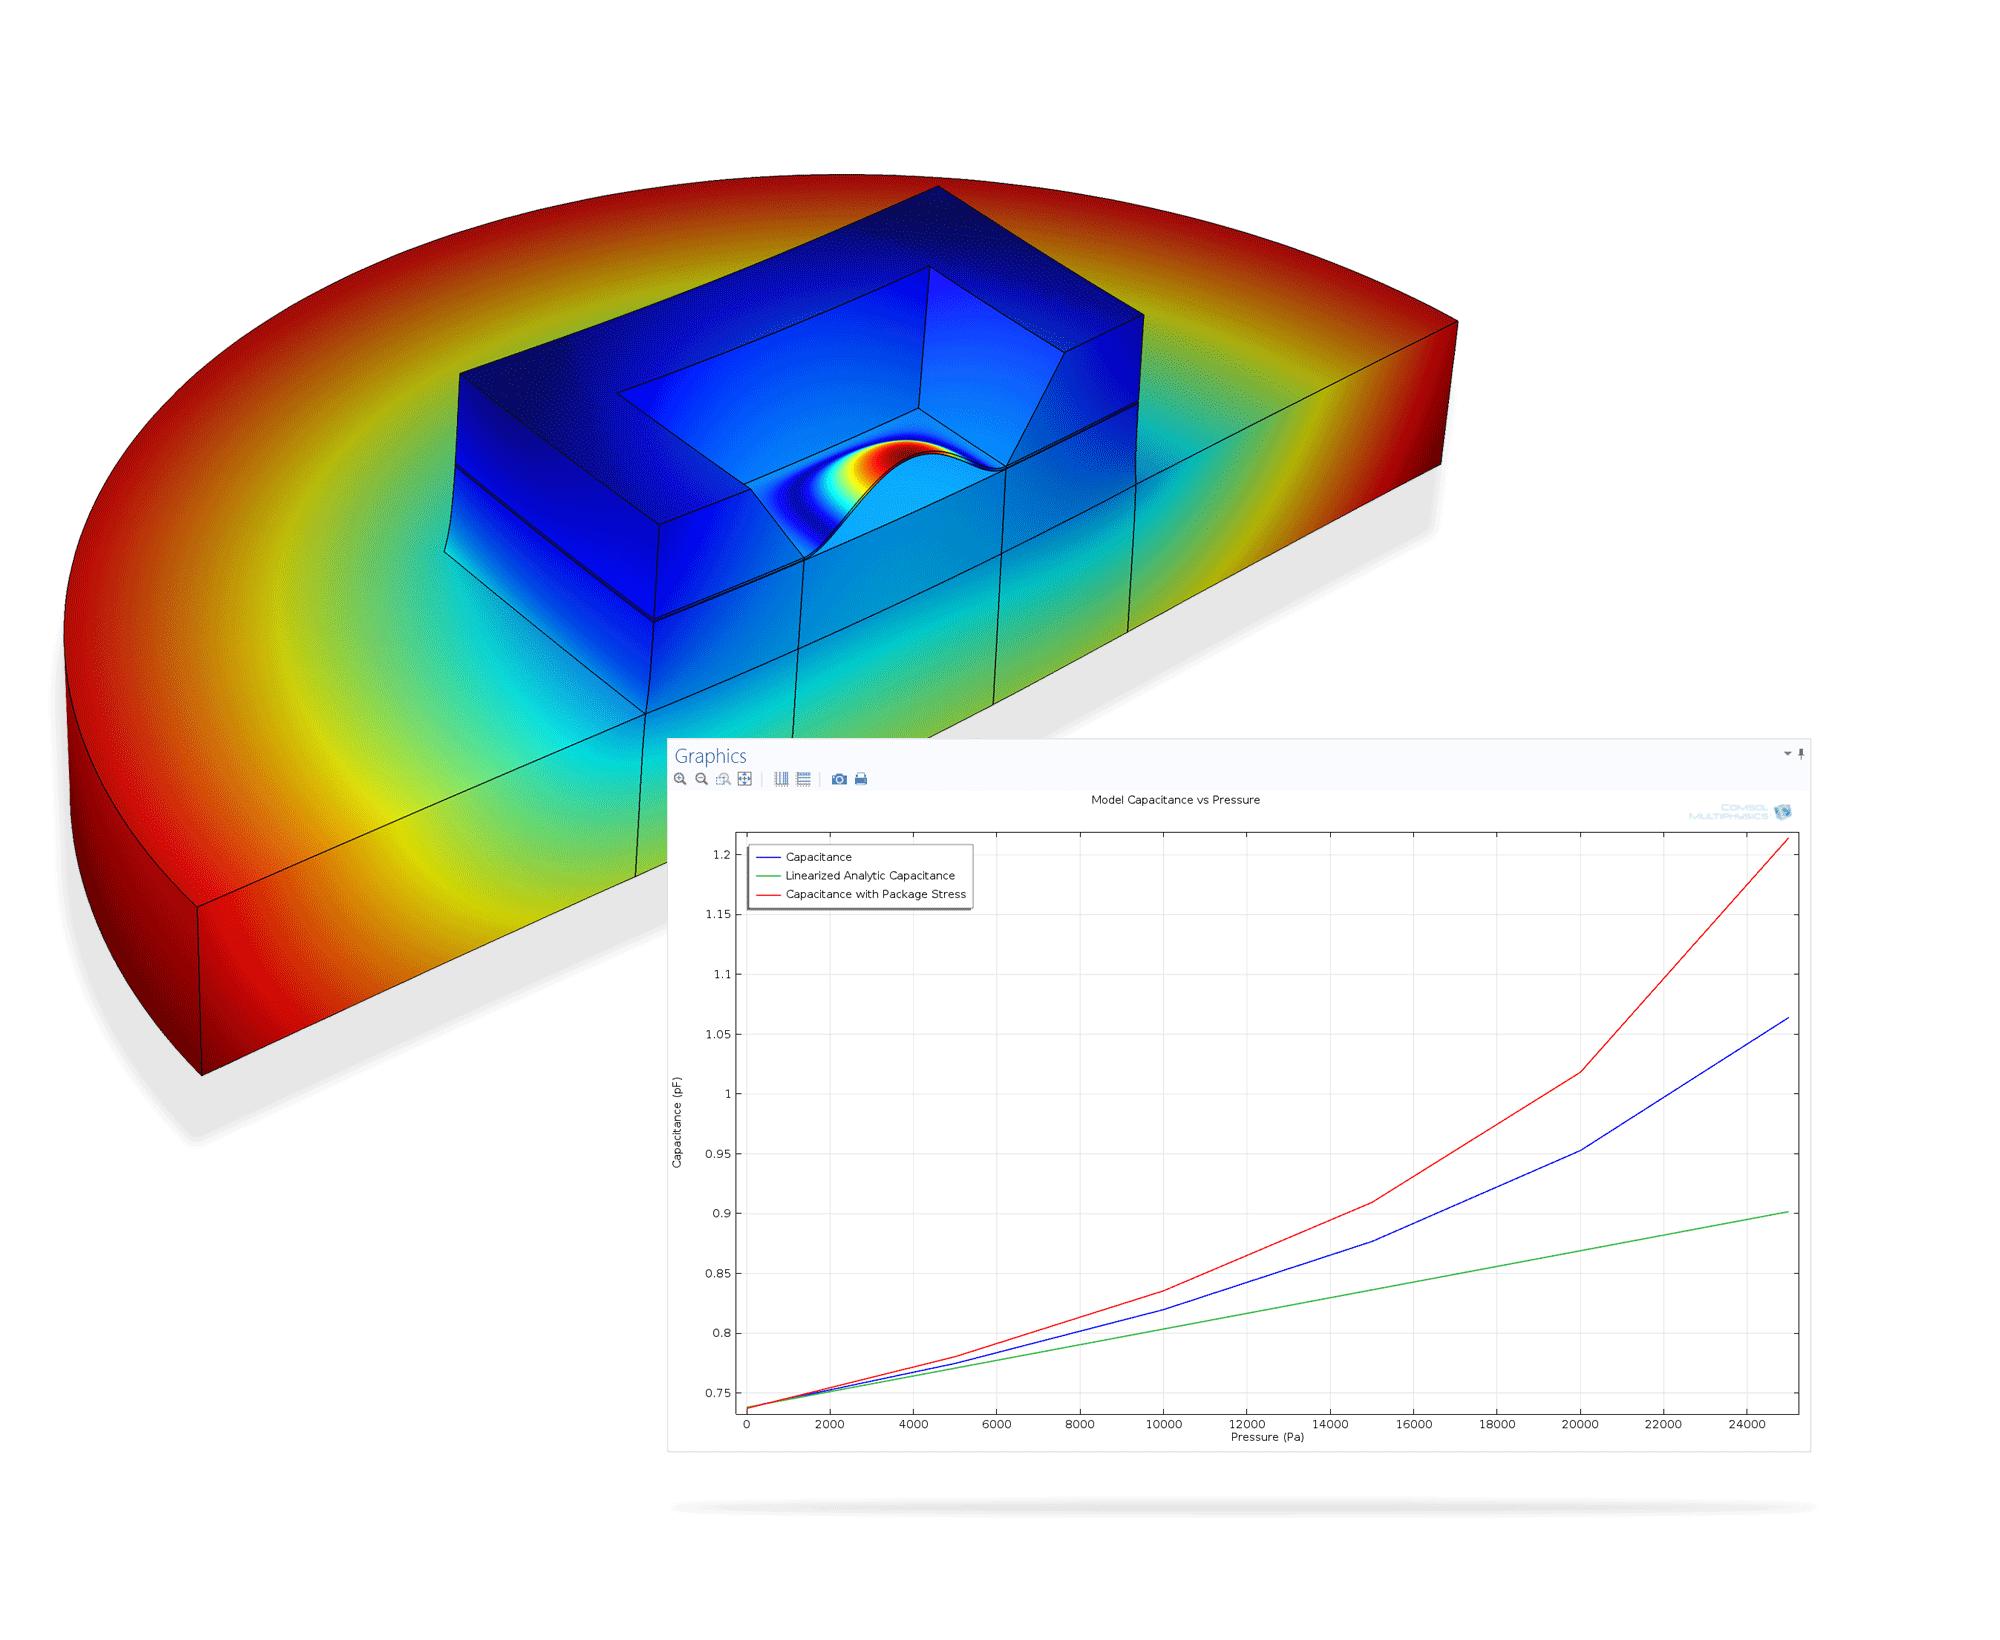 압력 센서는 구조체의 변형에 대한 정전용량 변화를 압력으로 변환합니다. 변형은 사용하는 재료, 주위의 압력, 온도, 초기 응력 상태에 따라서 변동 됩니다.